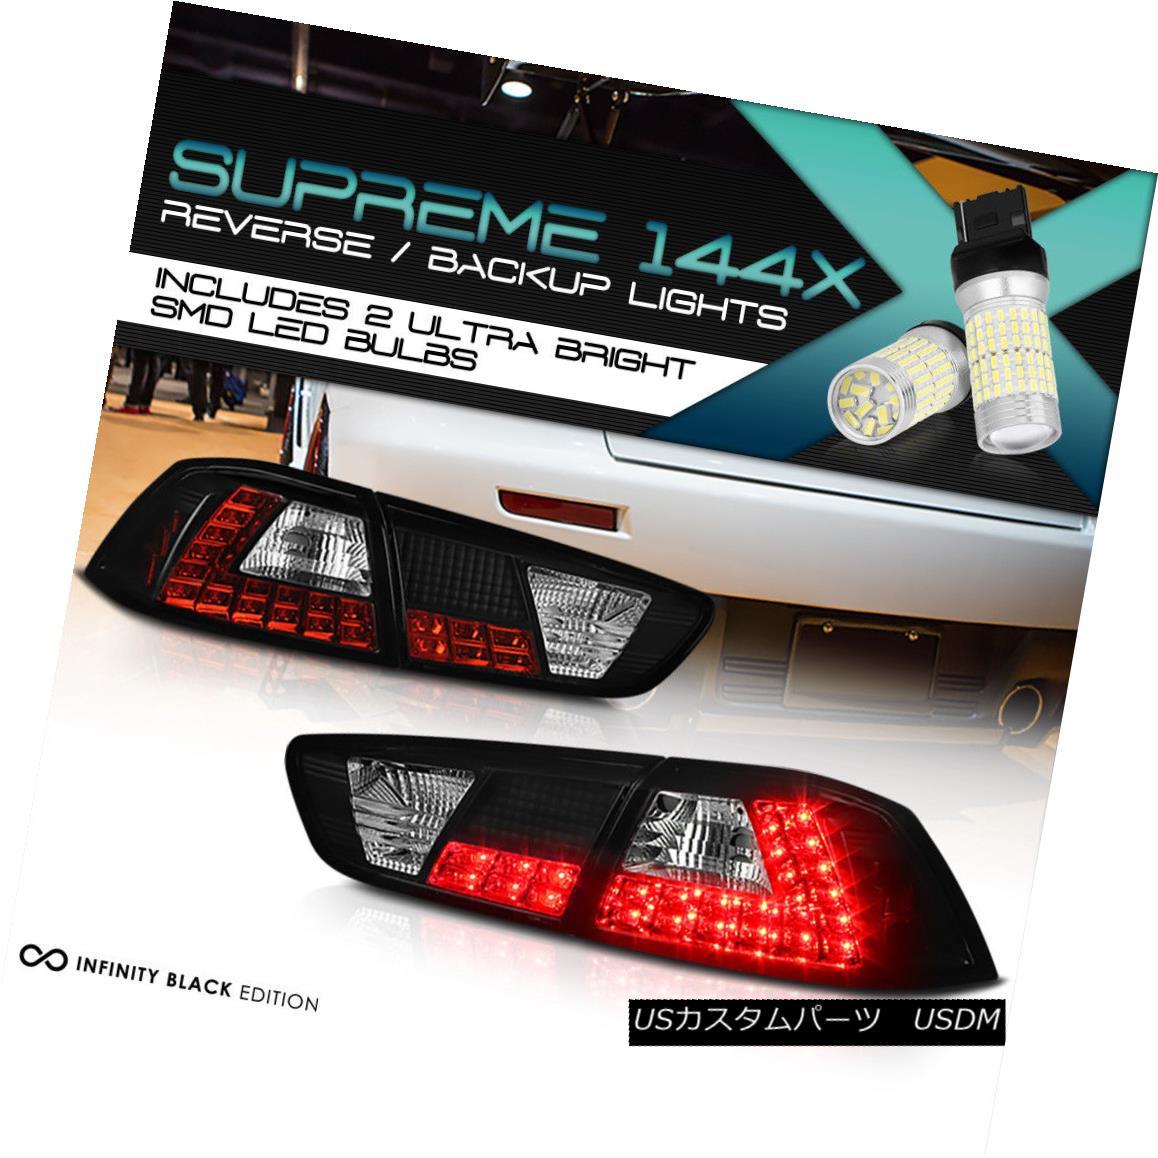 テールライト [Full SMD Reverse] 2008-2017 Mitsubishi Lancer Evolution Evo X 4B11 LED Taillamp [フルSMDリバース] 2008-2017三菱ランサーエボリューションX 4B11 LEDタイルランプ